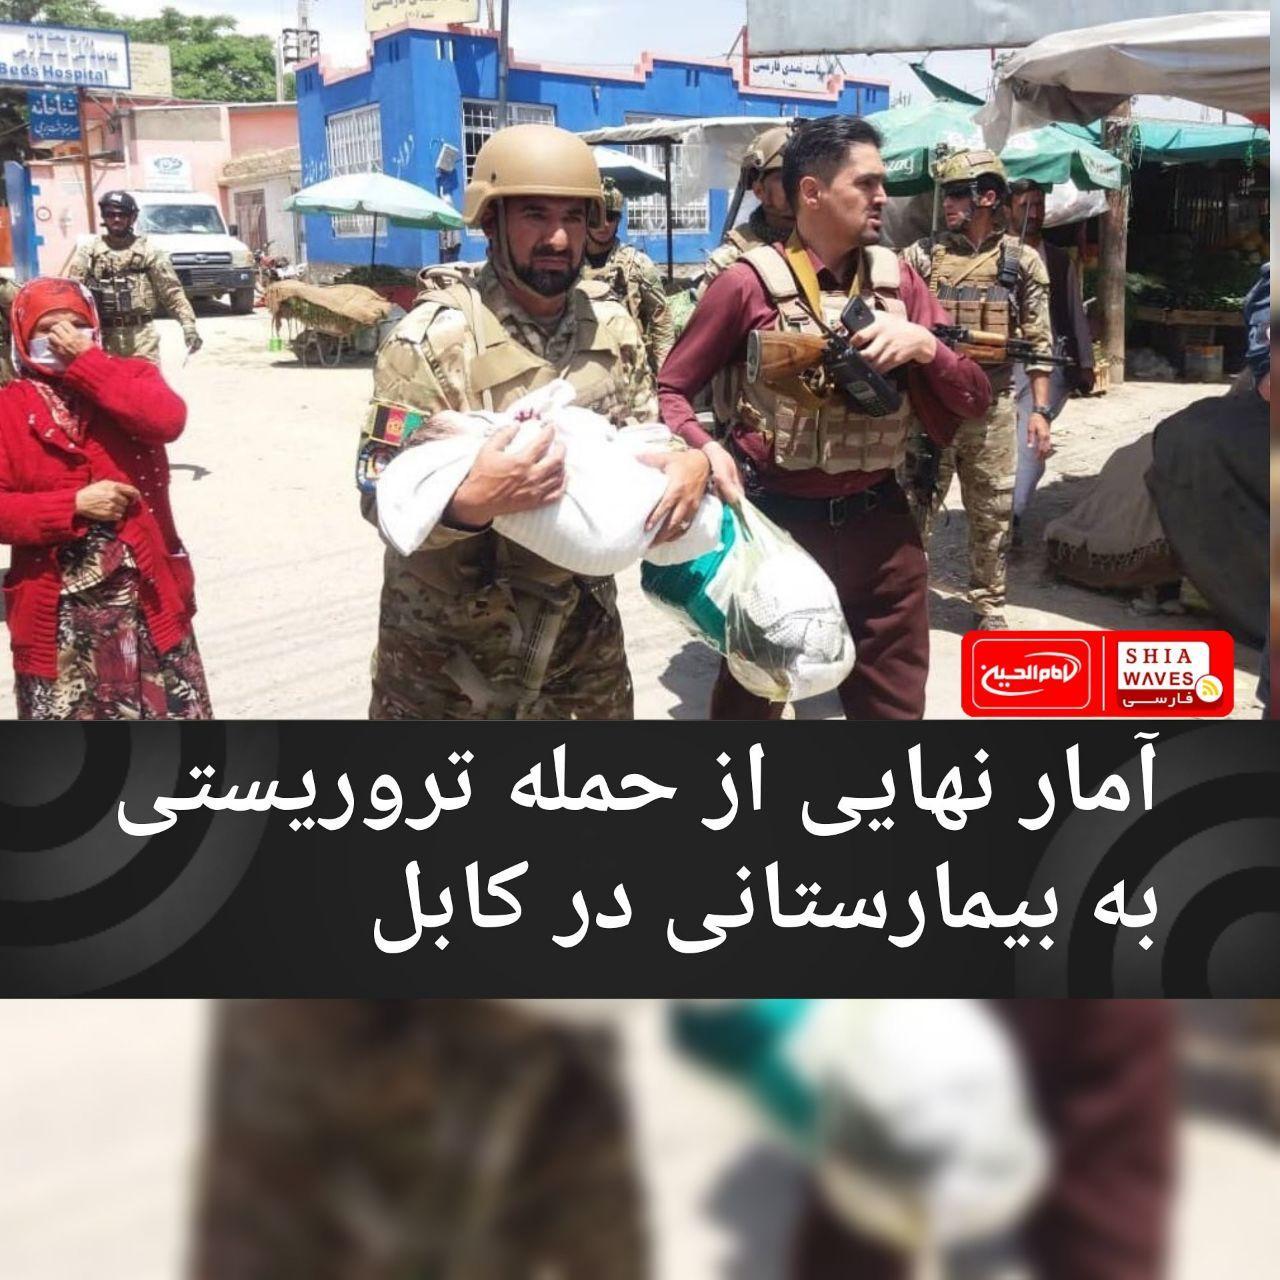 تصویر آمار نهایی از حمله تروریستی به بیمارستانی در کابل